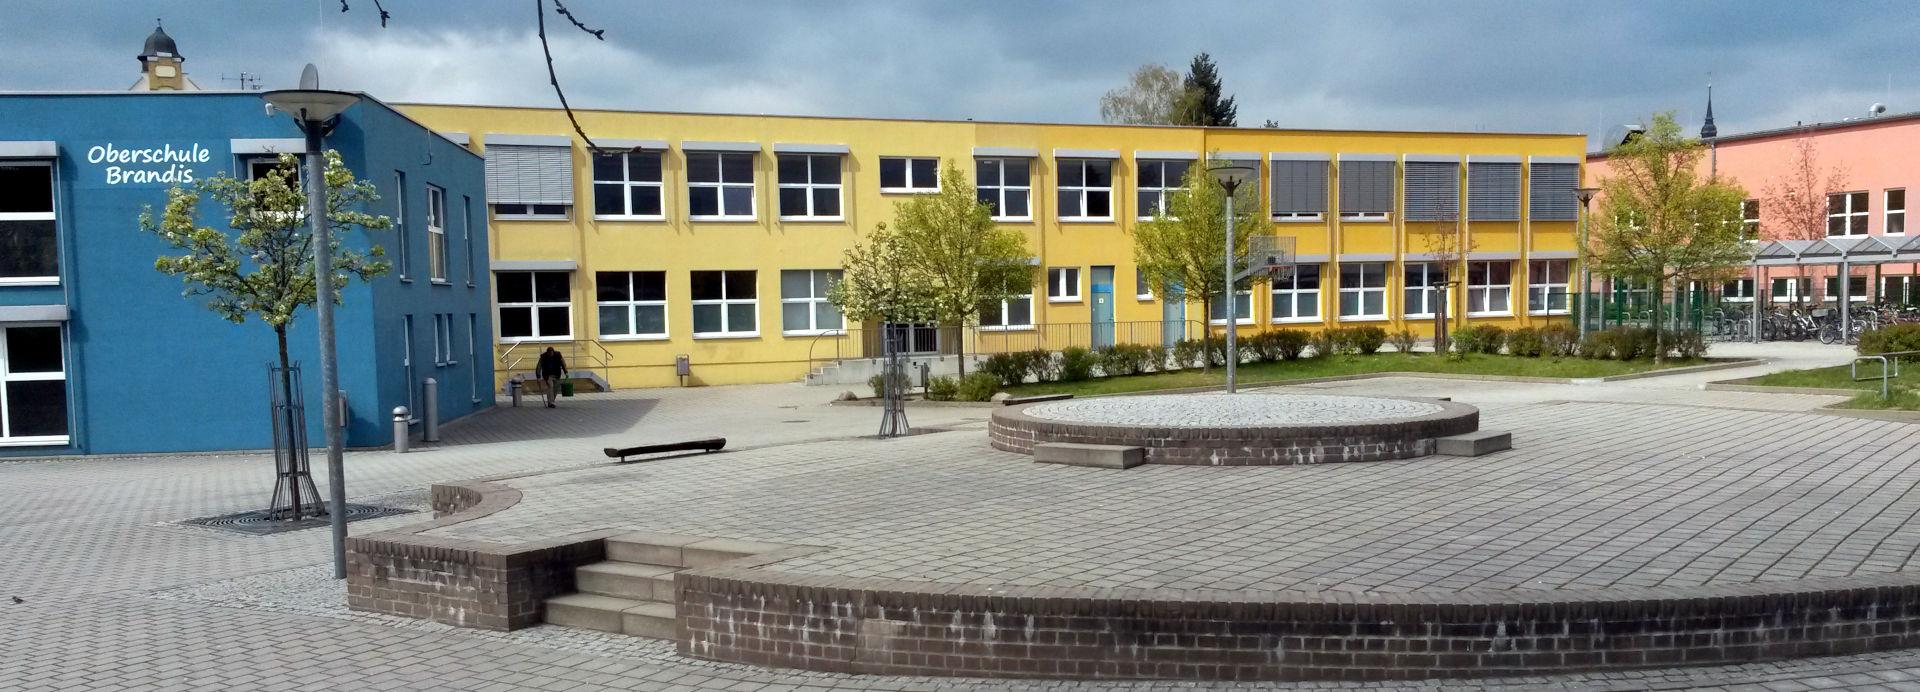 Anmeldung der Grundschüler an der Oberschule Brandis für das Schuljahr 2020/2021